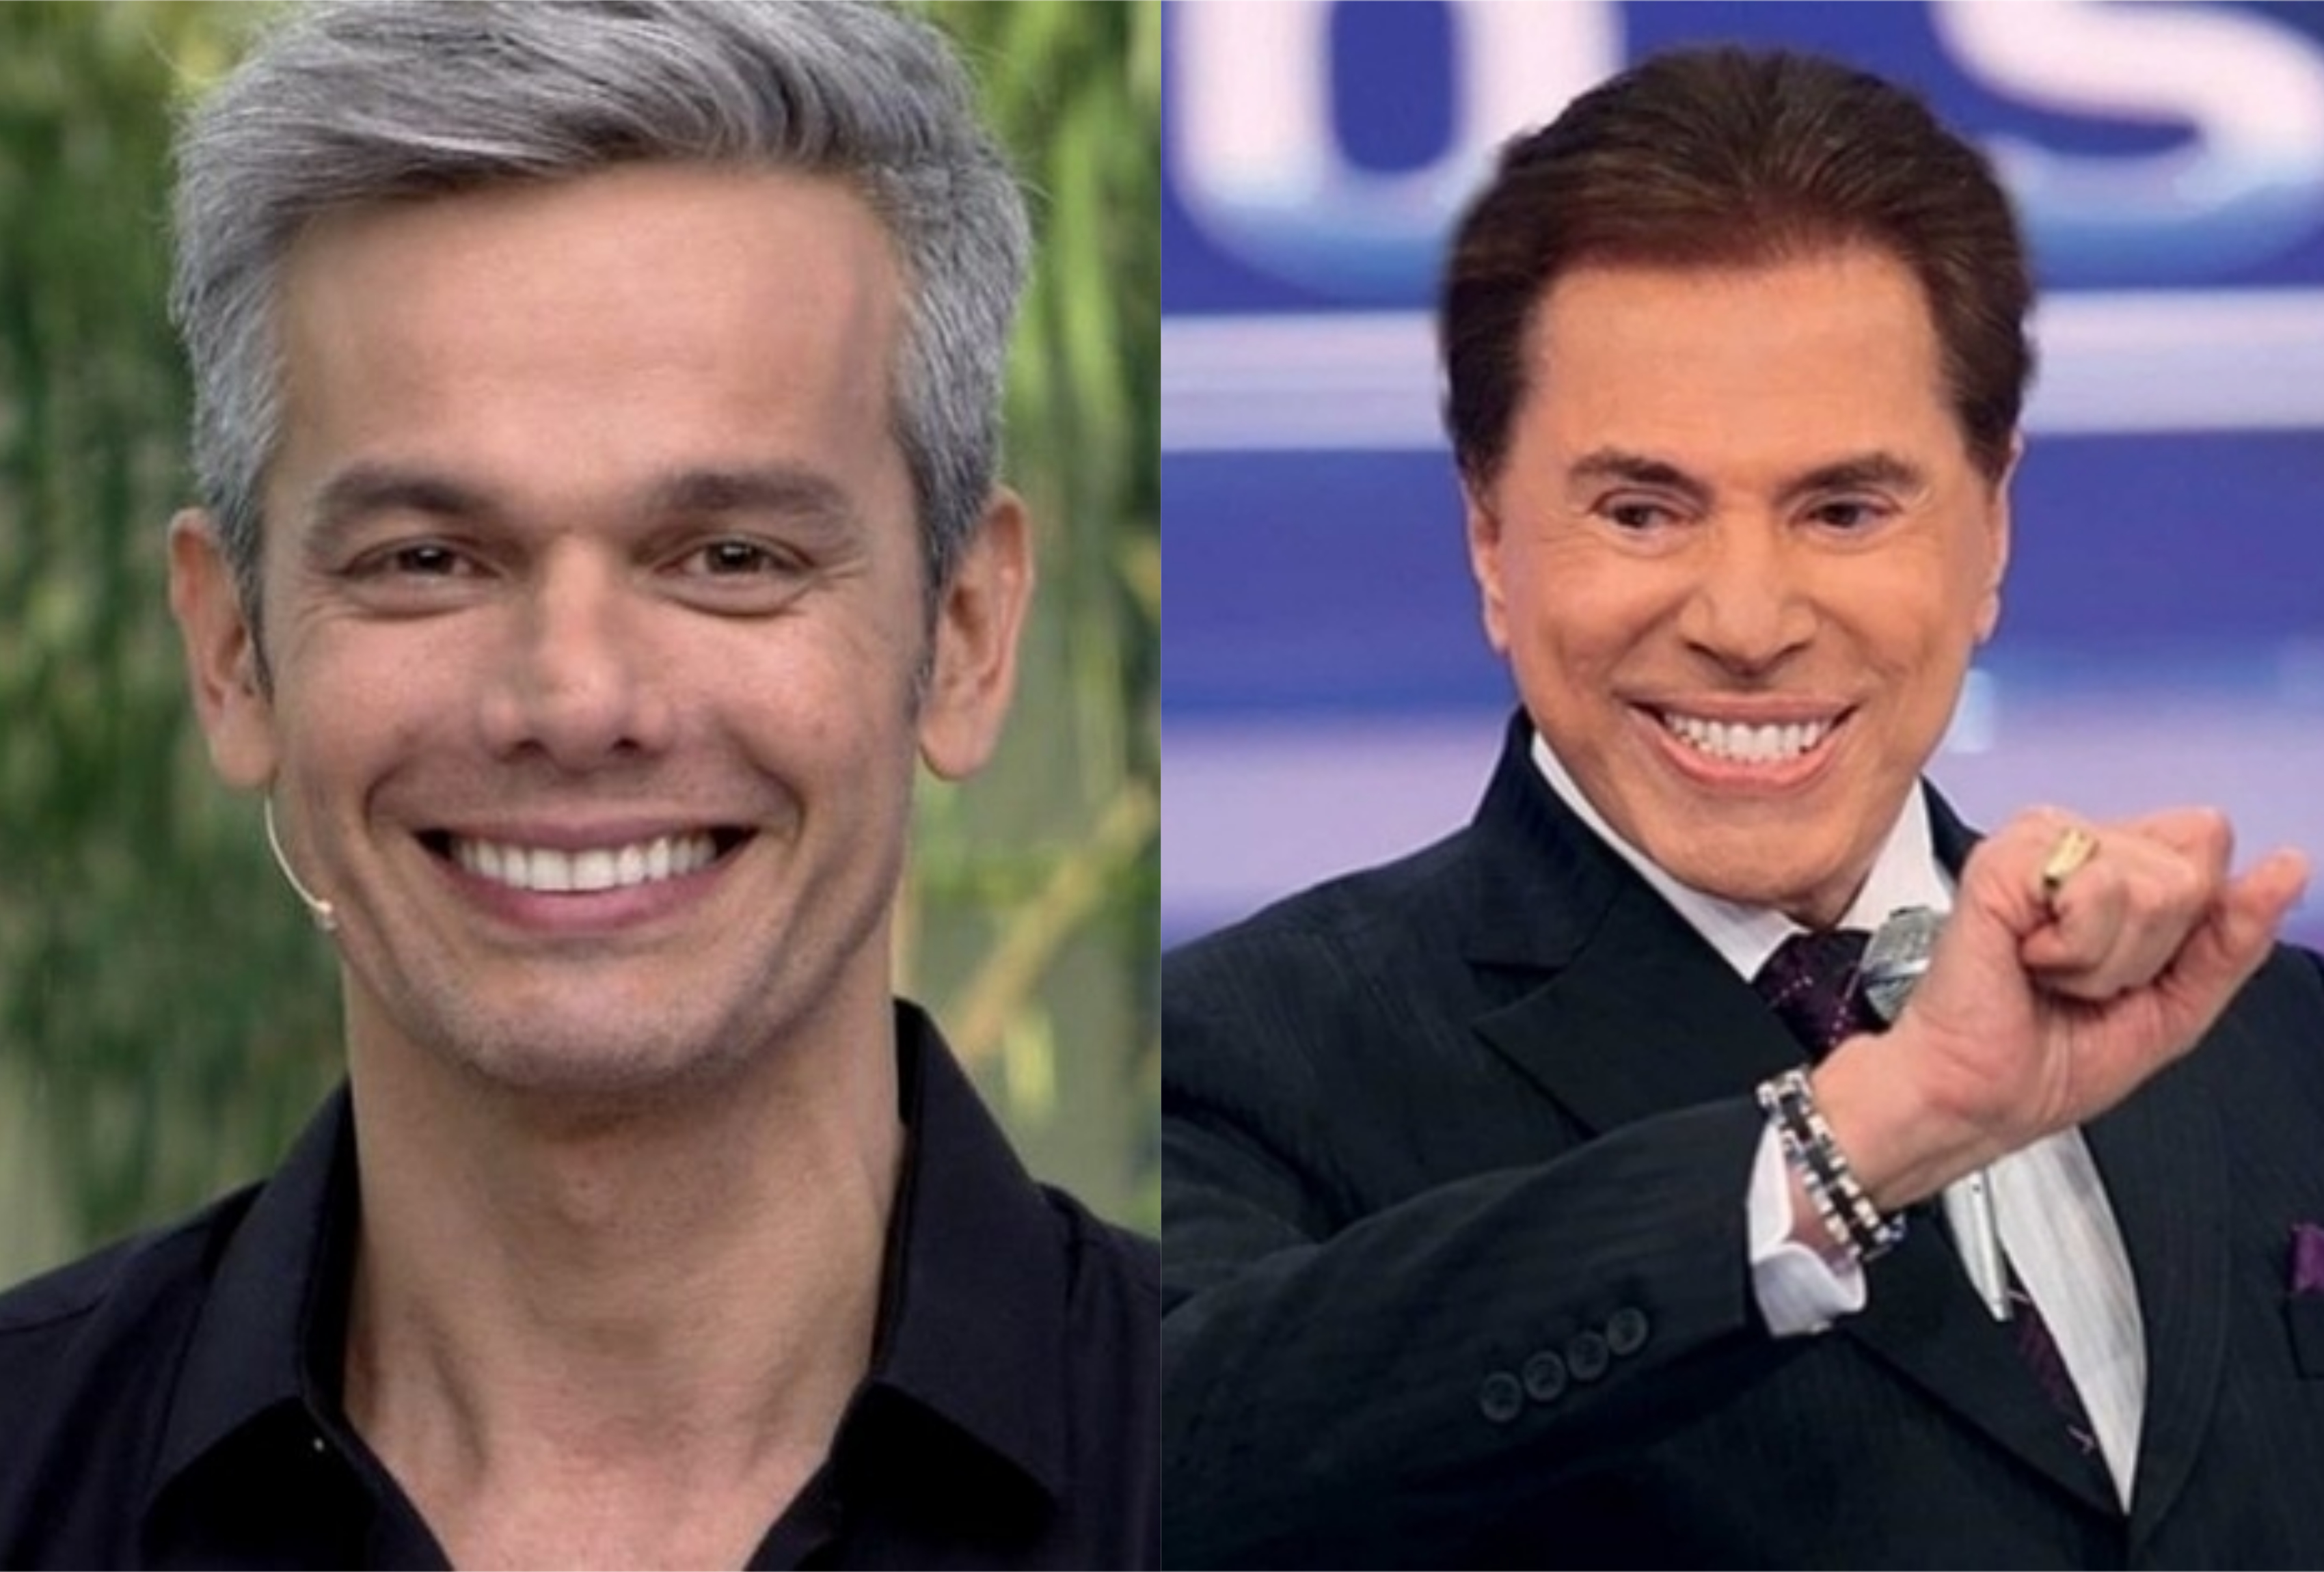 Otaviano Costa pode ser contratado por Silvio Santos no SBT (Foto: Montagem/TV Foco)